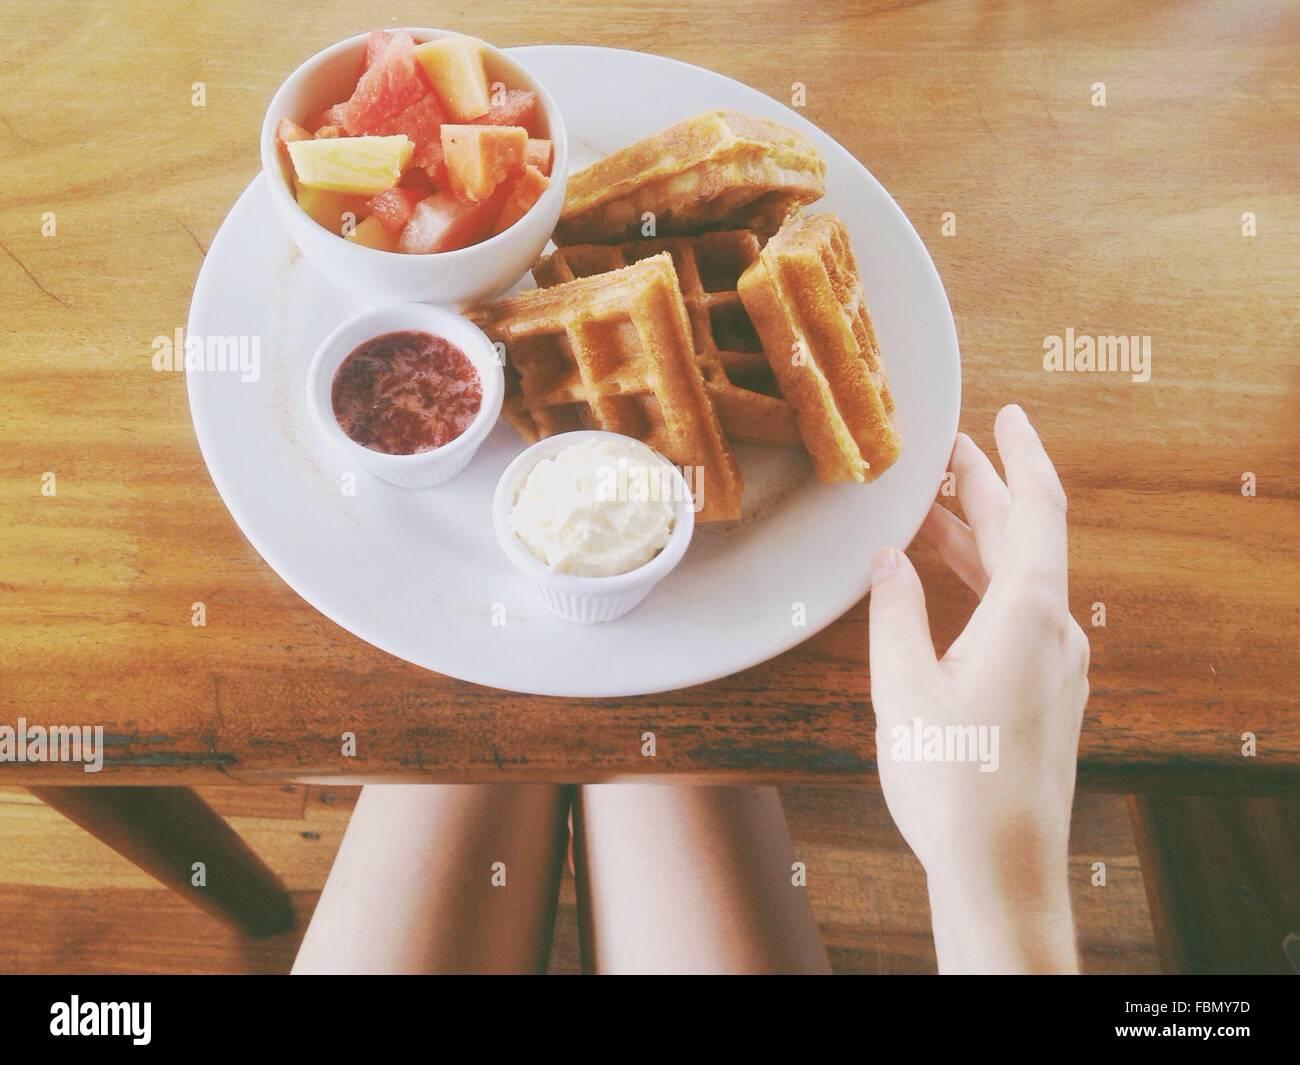 Persona con desayuno Imagen De Stock